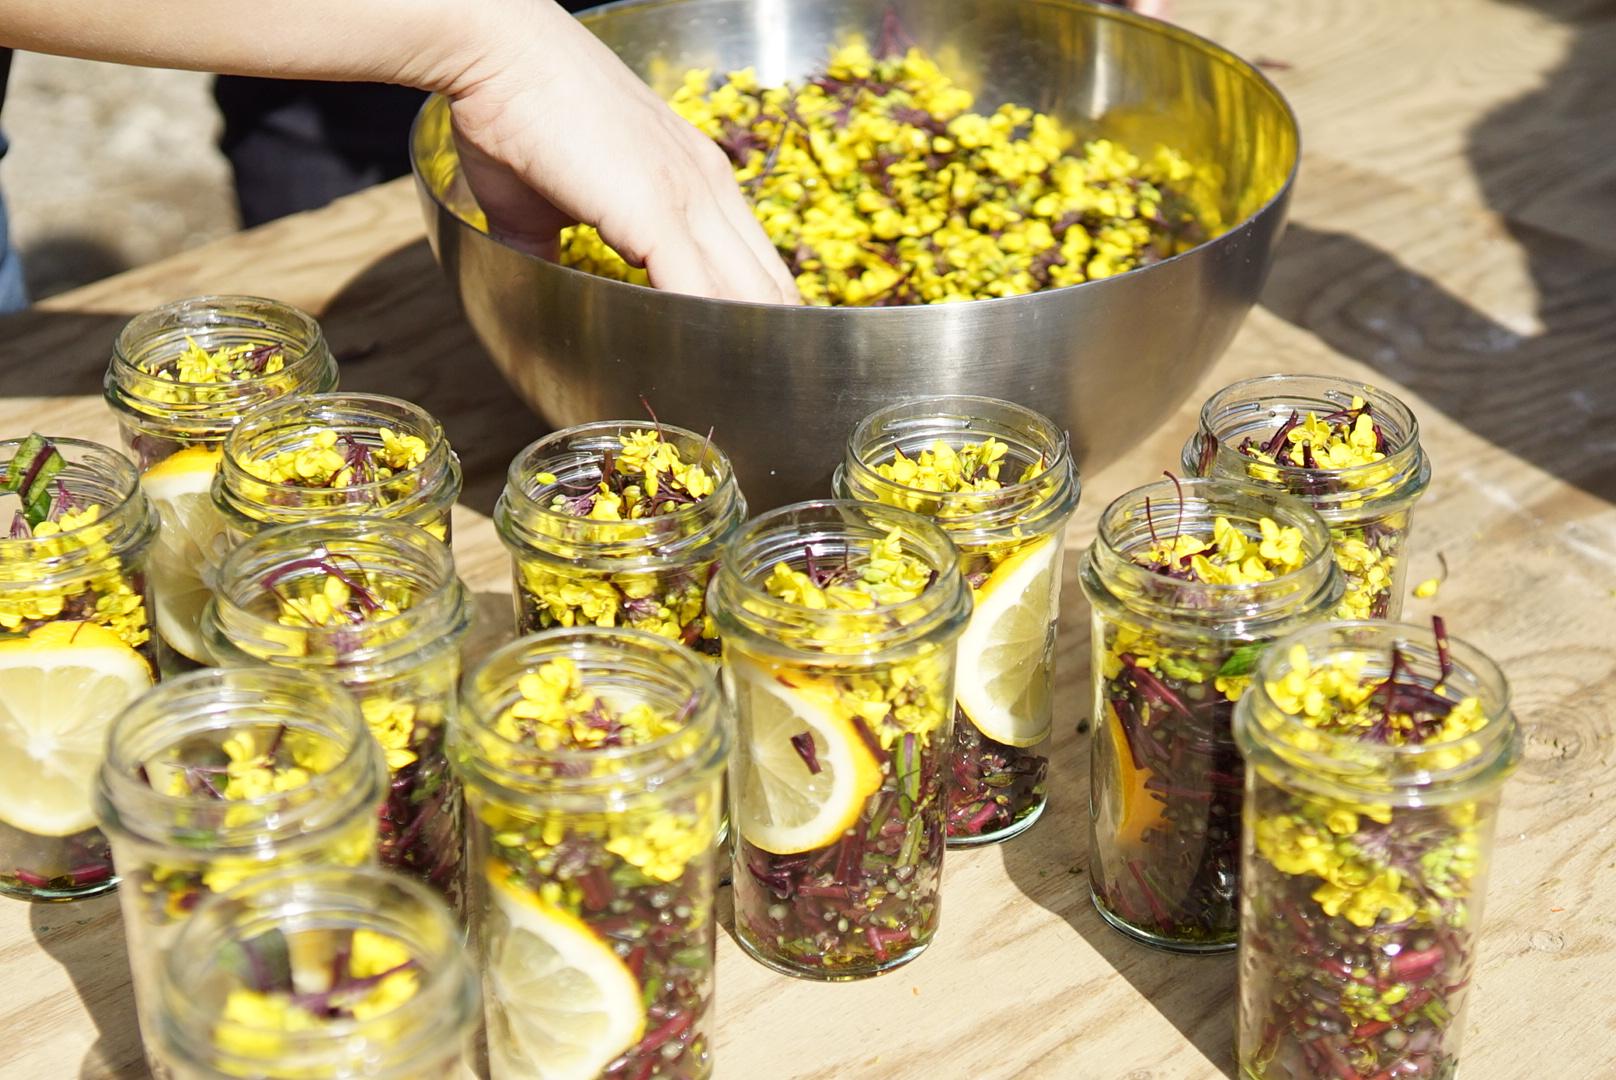 2.CANNINGキャニング - ・農園の炊事場で調理、瓶詰め。・オイル漬け、コンポート、ソース、コンフィチュール、おかずの素などオリジナルレシピを予定。・自分たちで育てた野菜はもちろん、農園の畑の野菜や地域の食材を使った内容も。